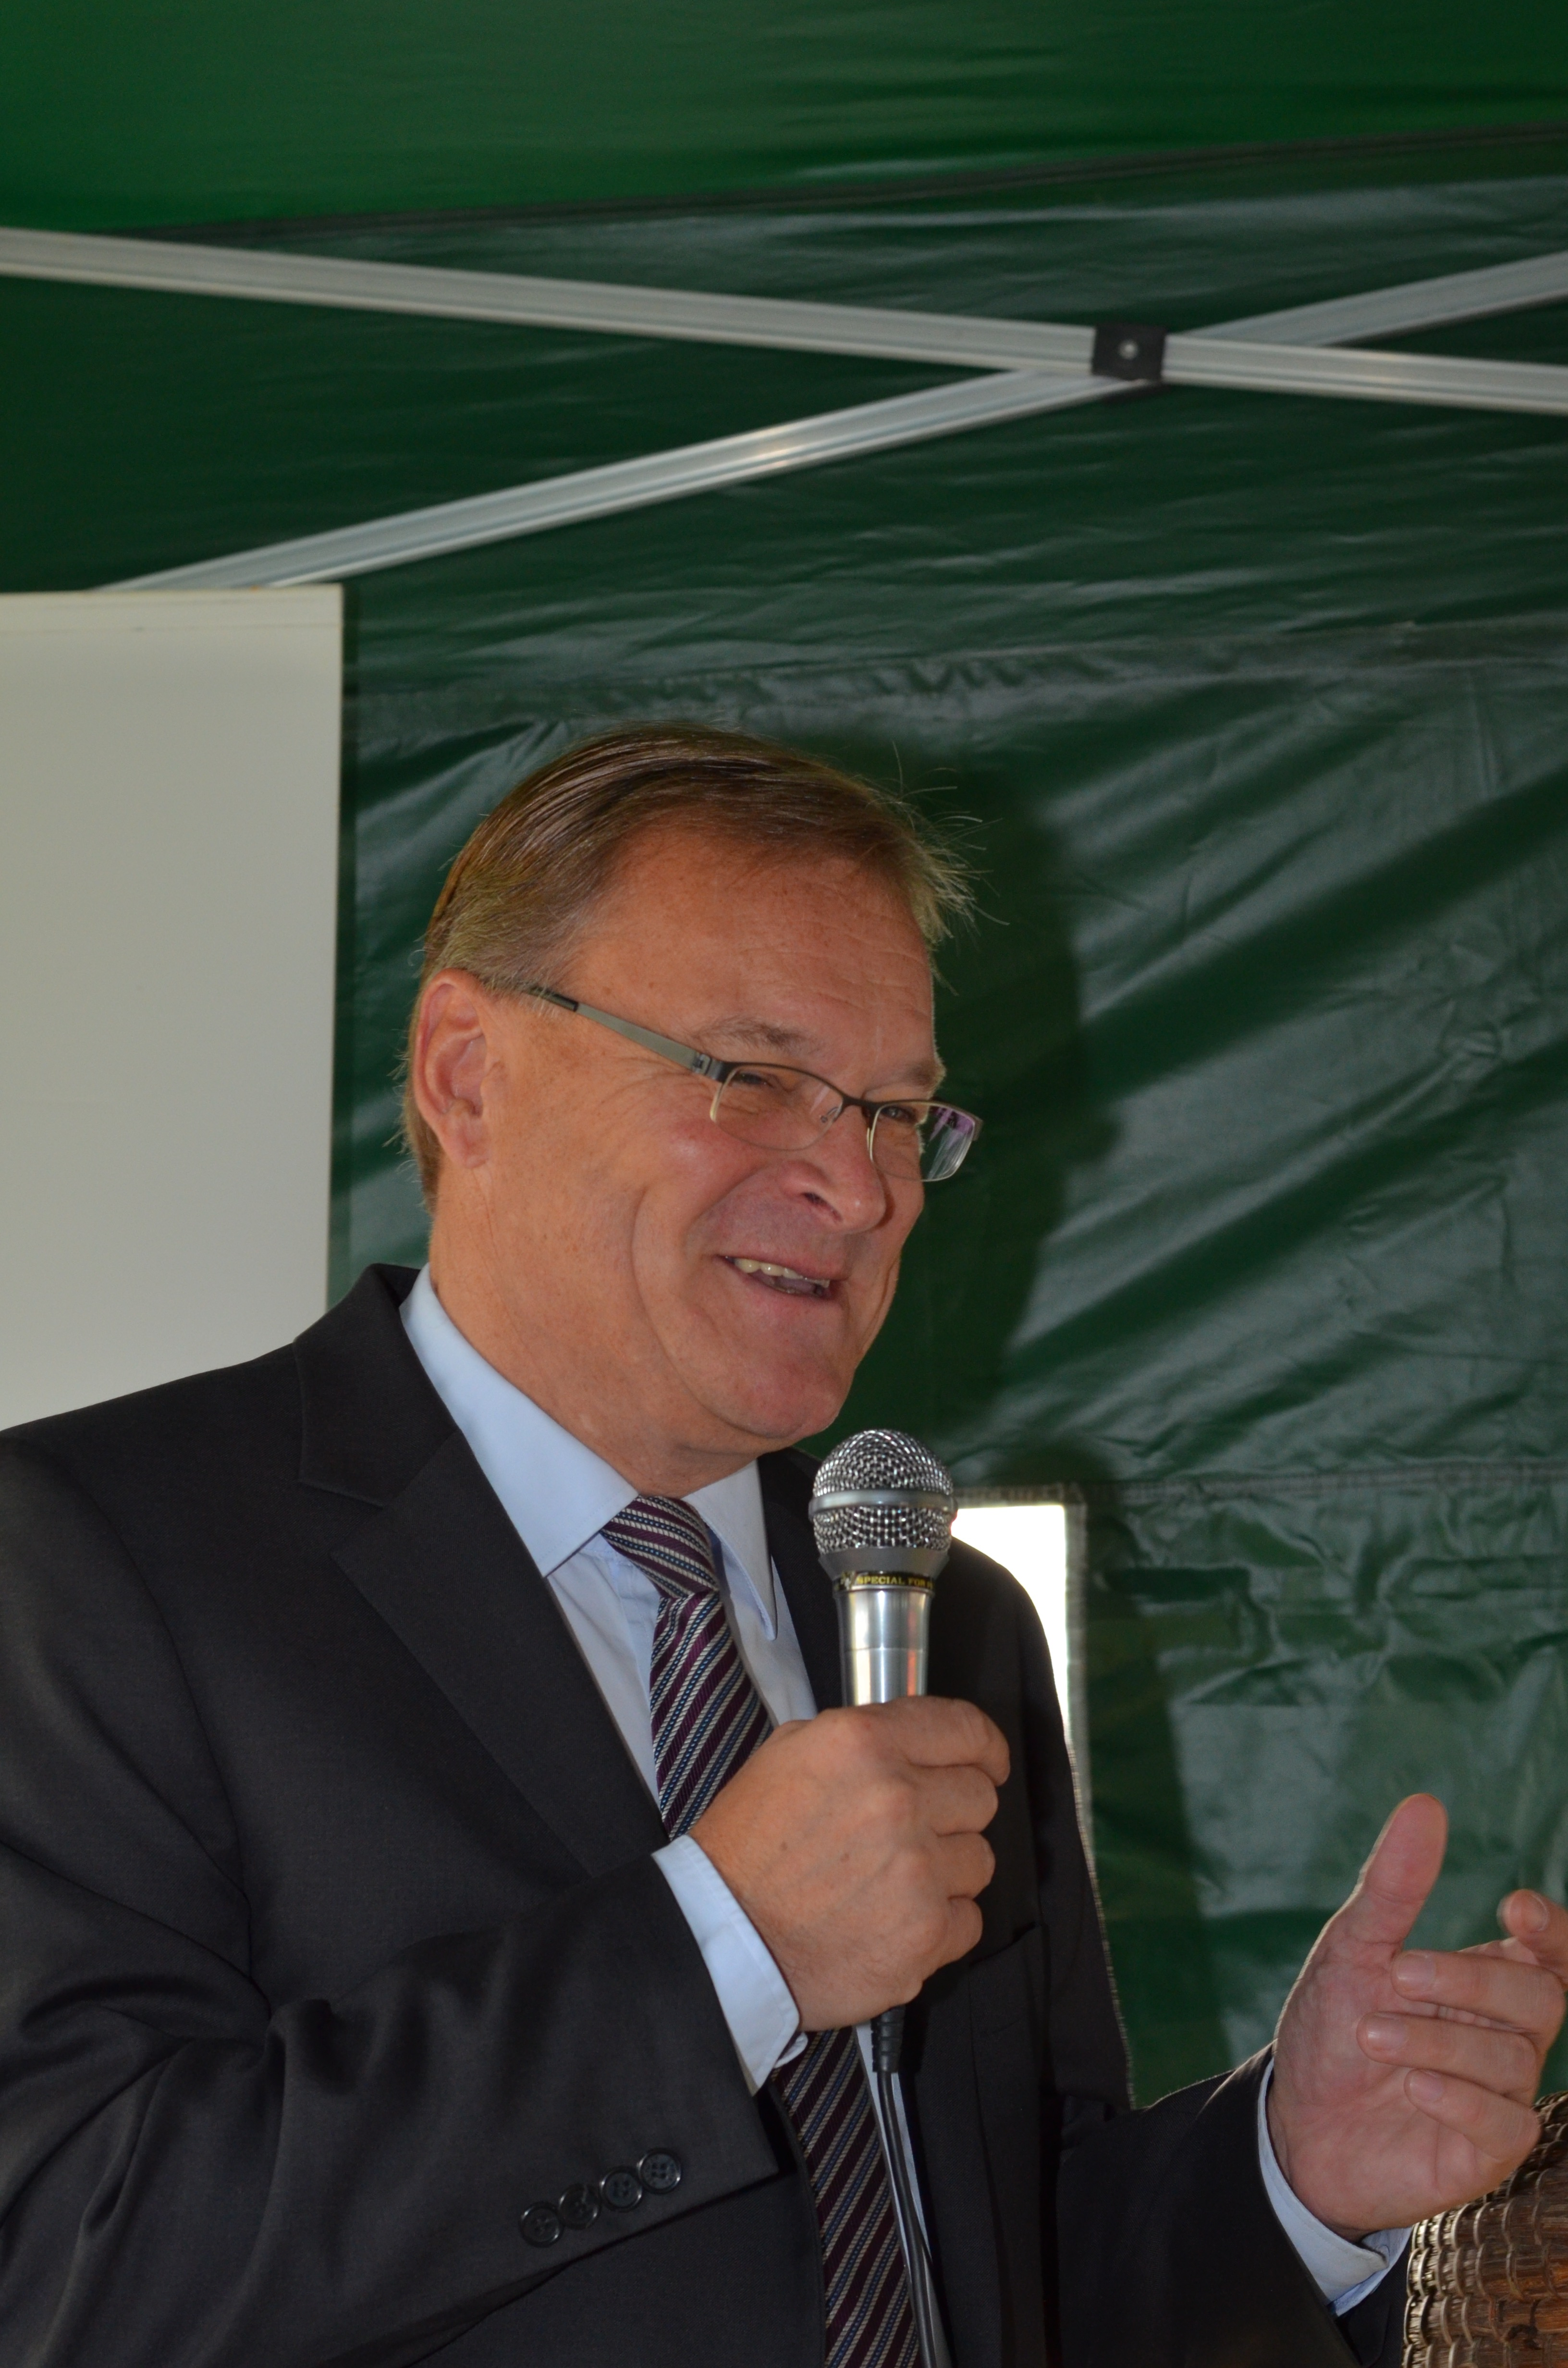 Festansprache / Grußworte von Oberbürgermeister Andreas Starke zur Eröffnung der Bienen-InfoWabe am 20.09.2015